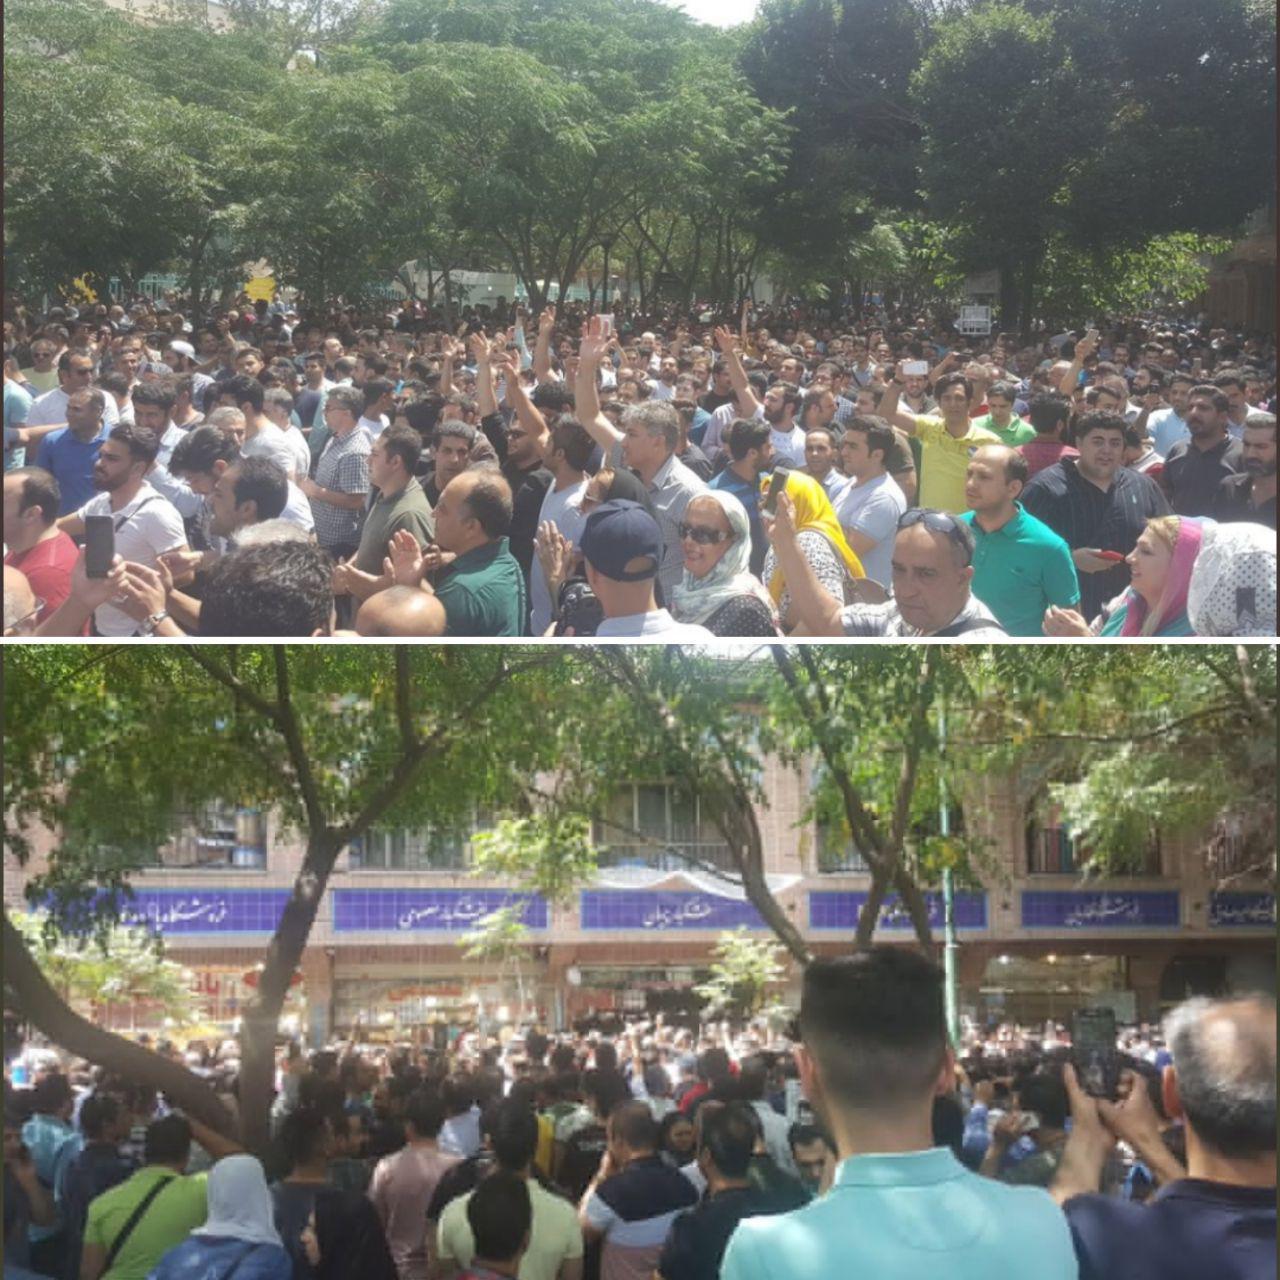 بازاریان تهران در اعتراض به رکود و قیمت ارز دست از کار کشیدند (+عکس)